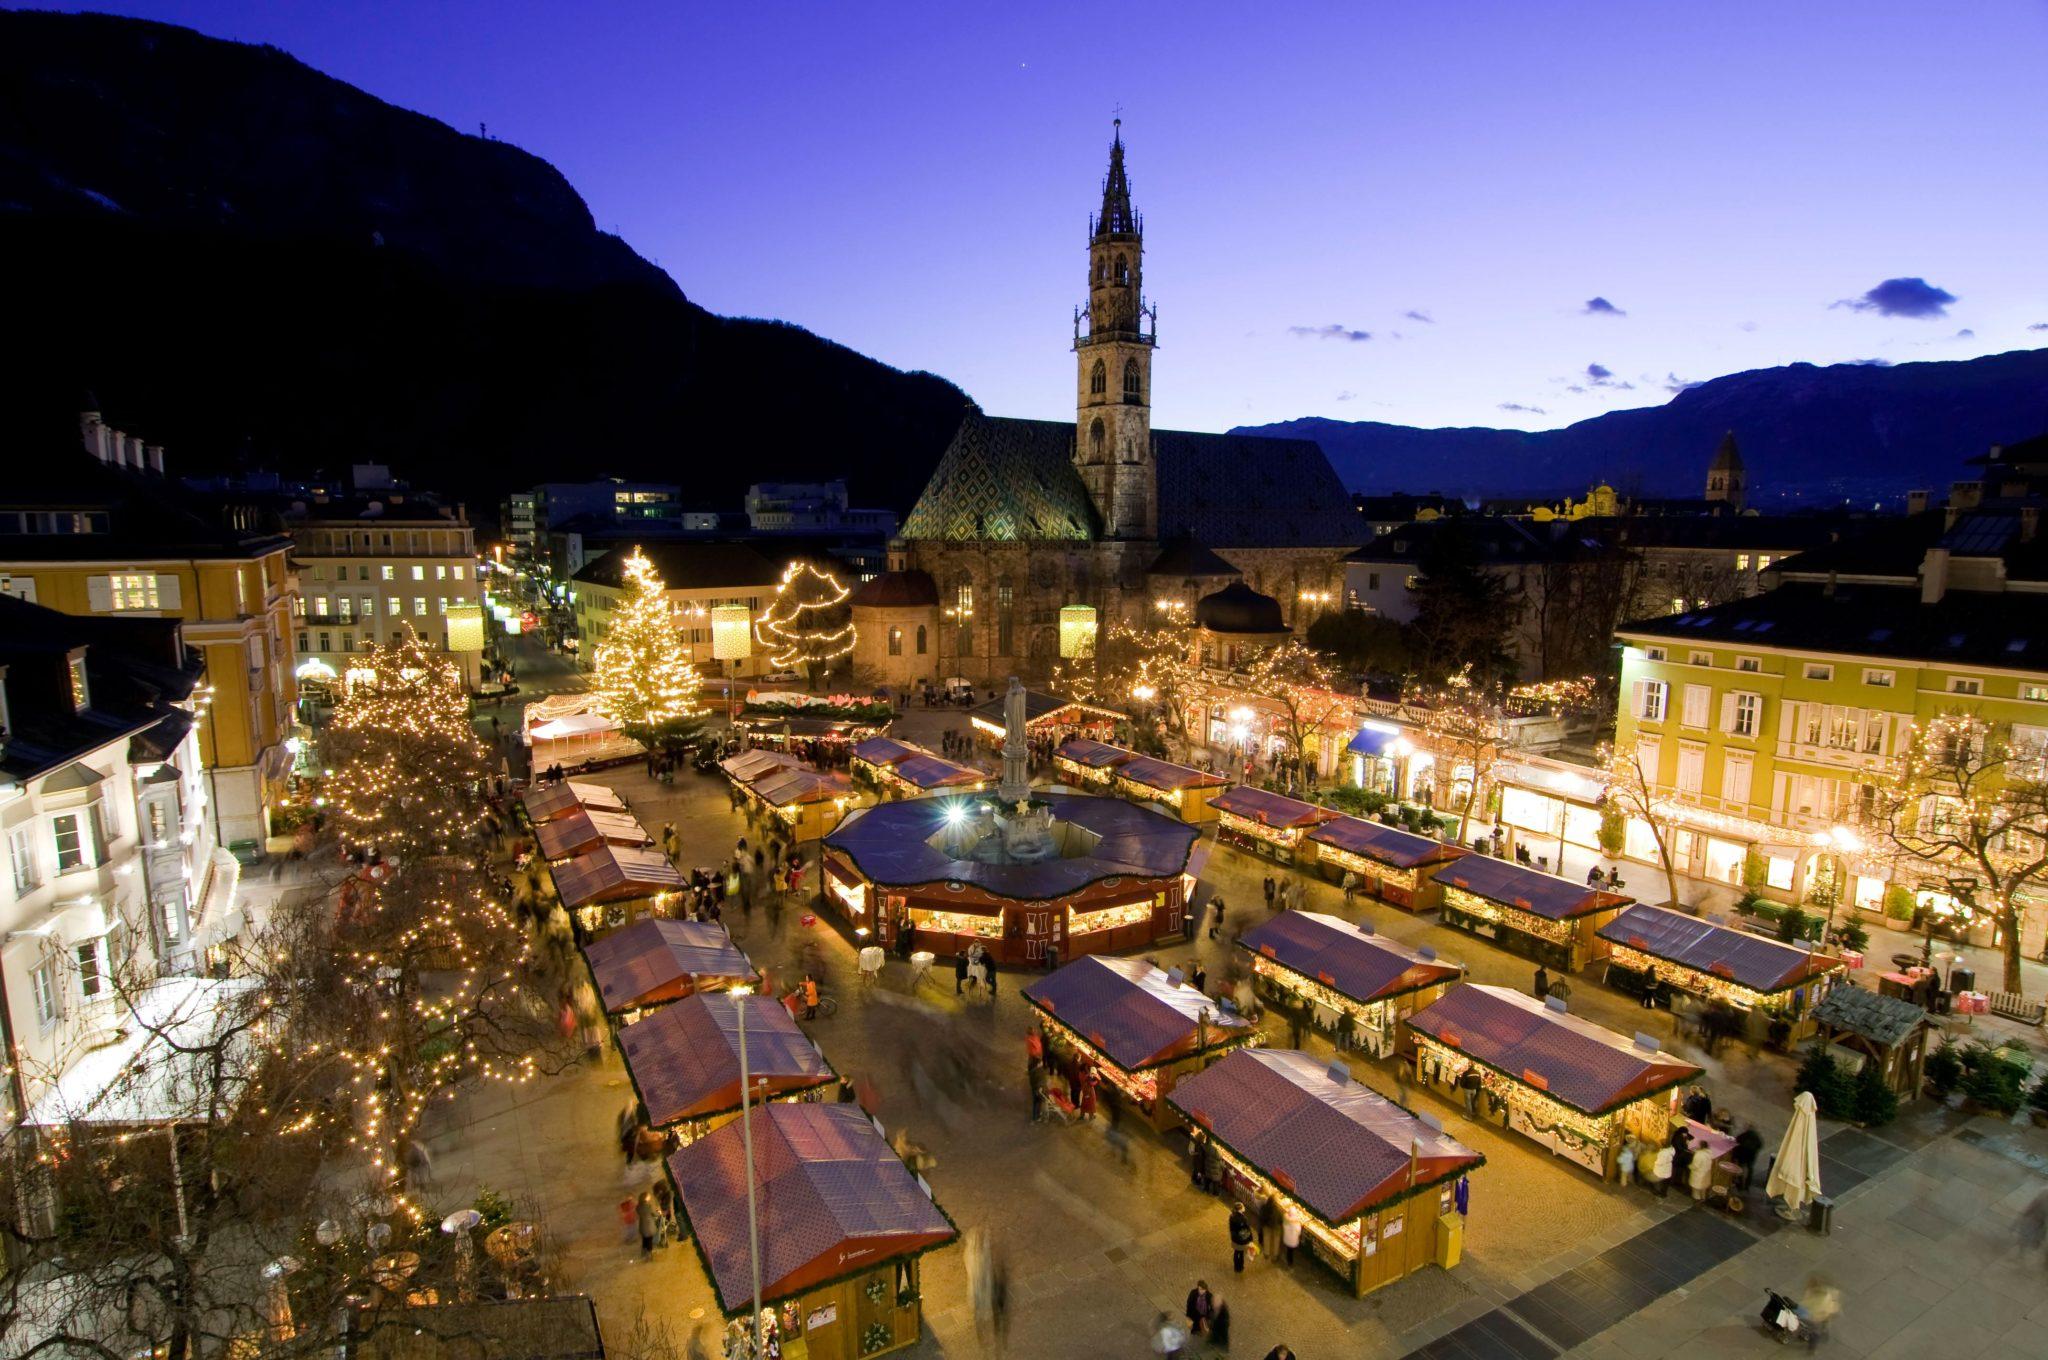 mercatini, natale, italia, bolzano, christmas, market